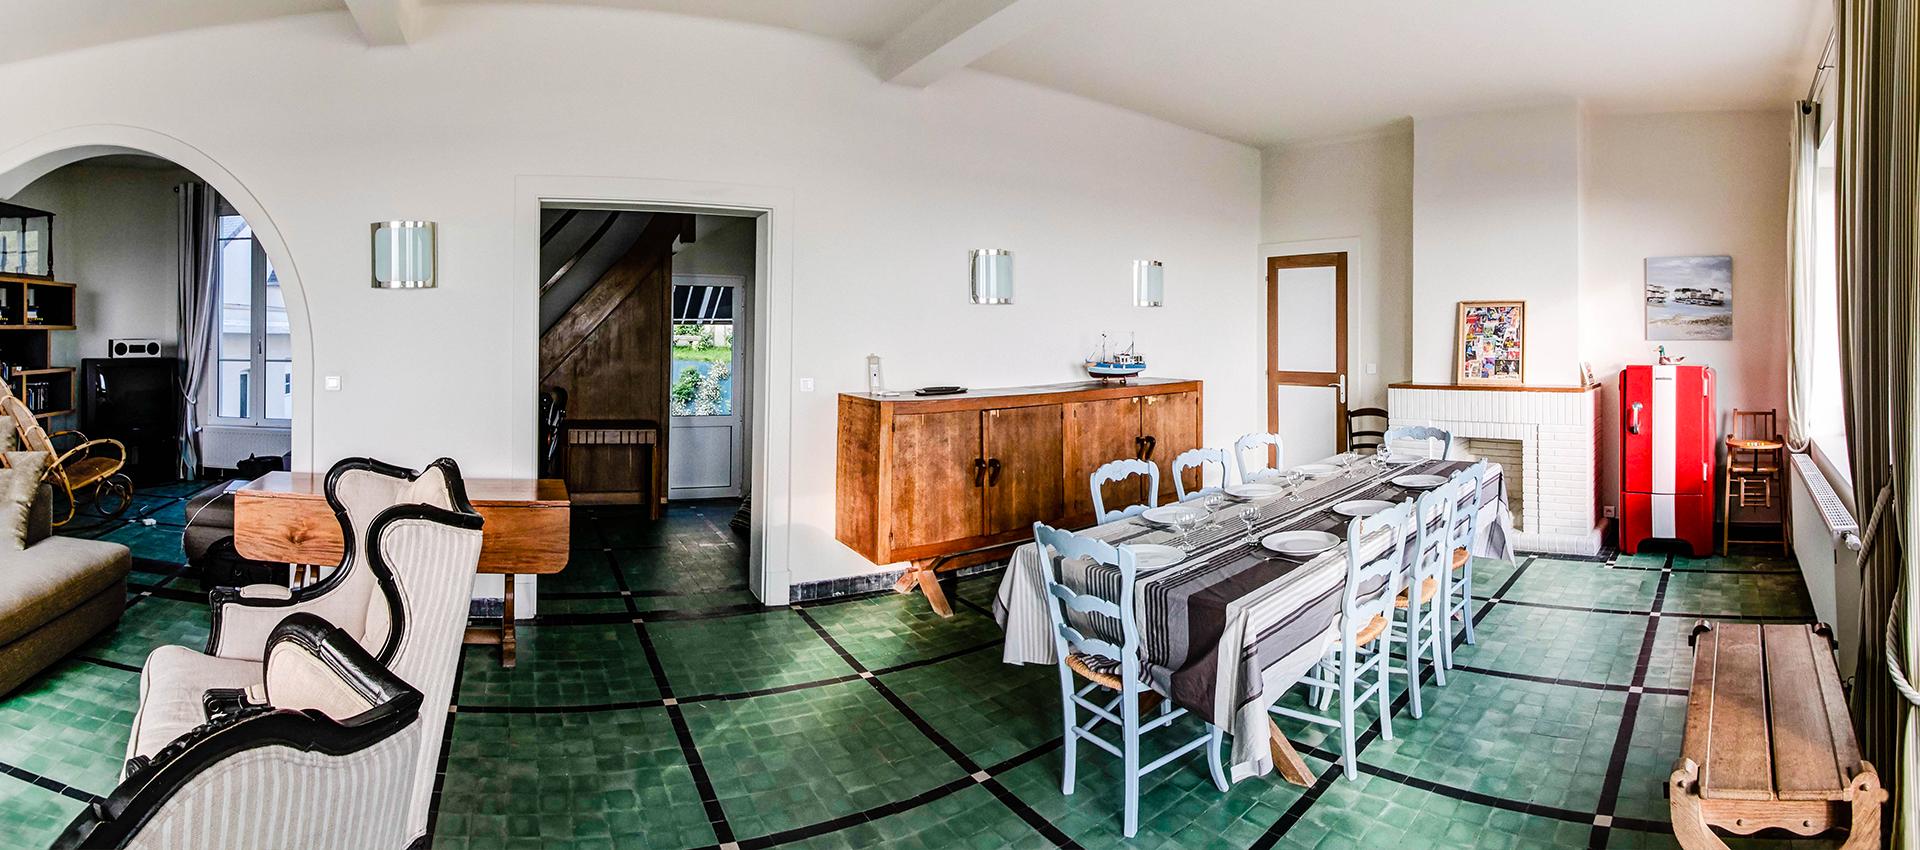 Le séjour et la salle à manger de l'Occident, maison de location saisonnière en Baie de Somme.